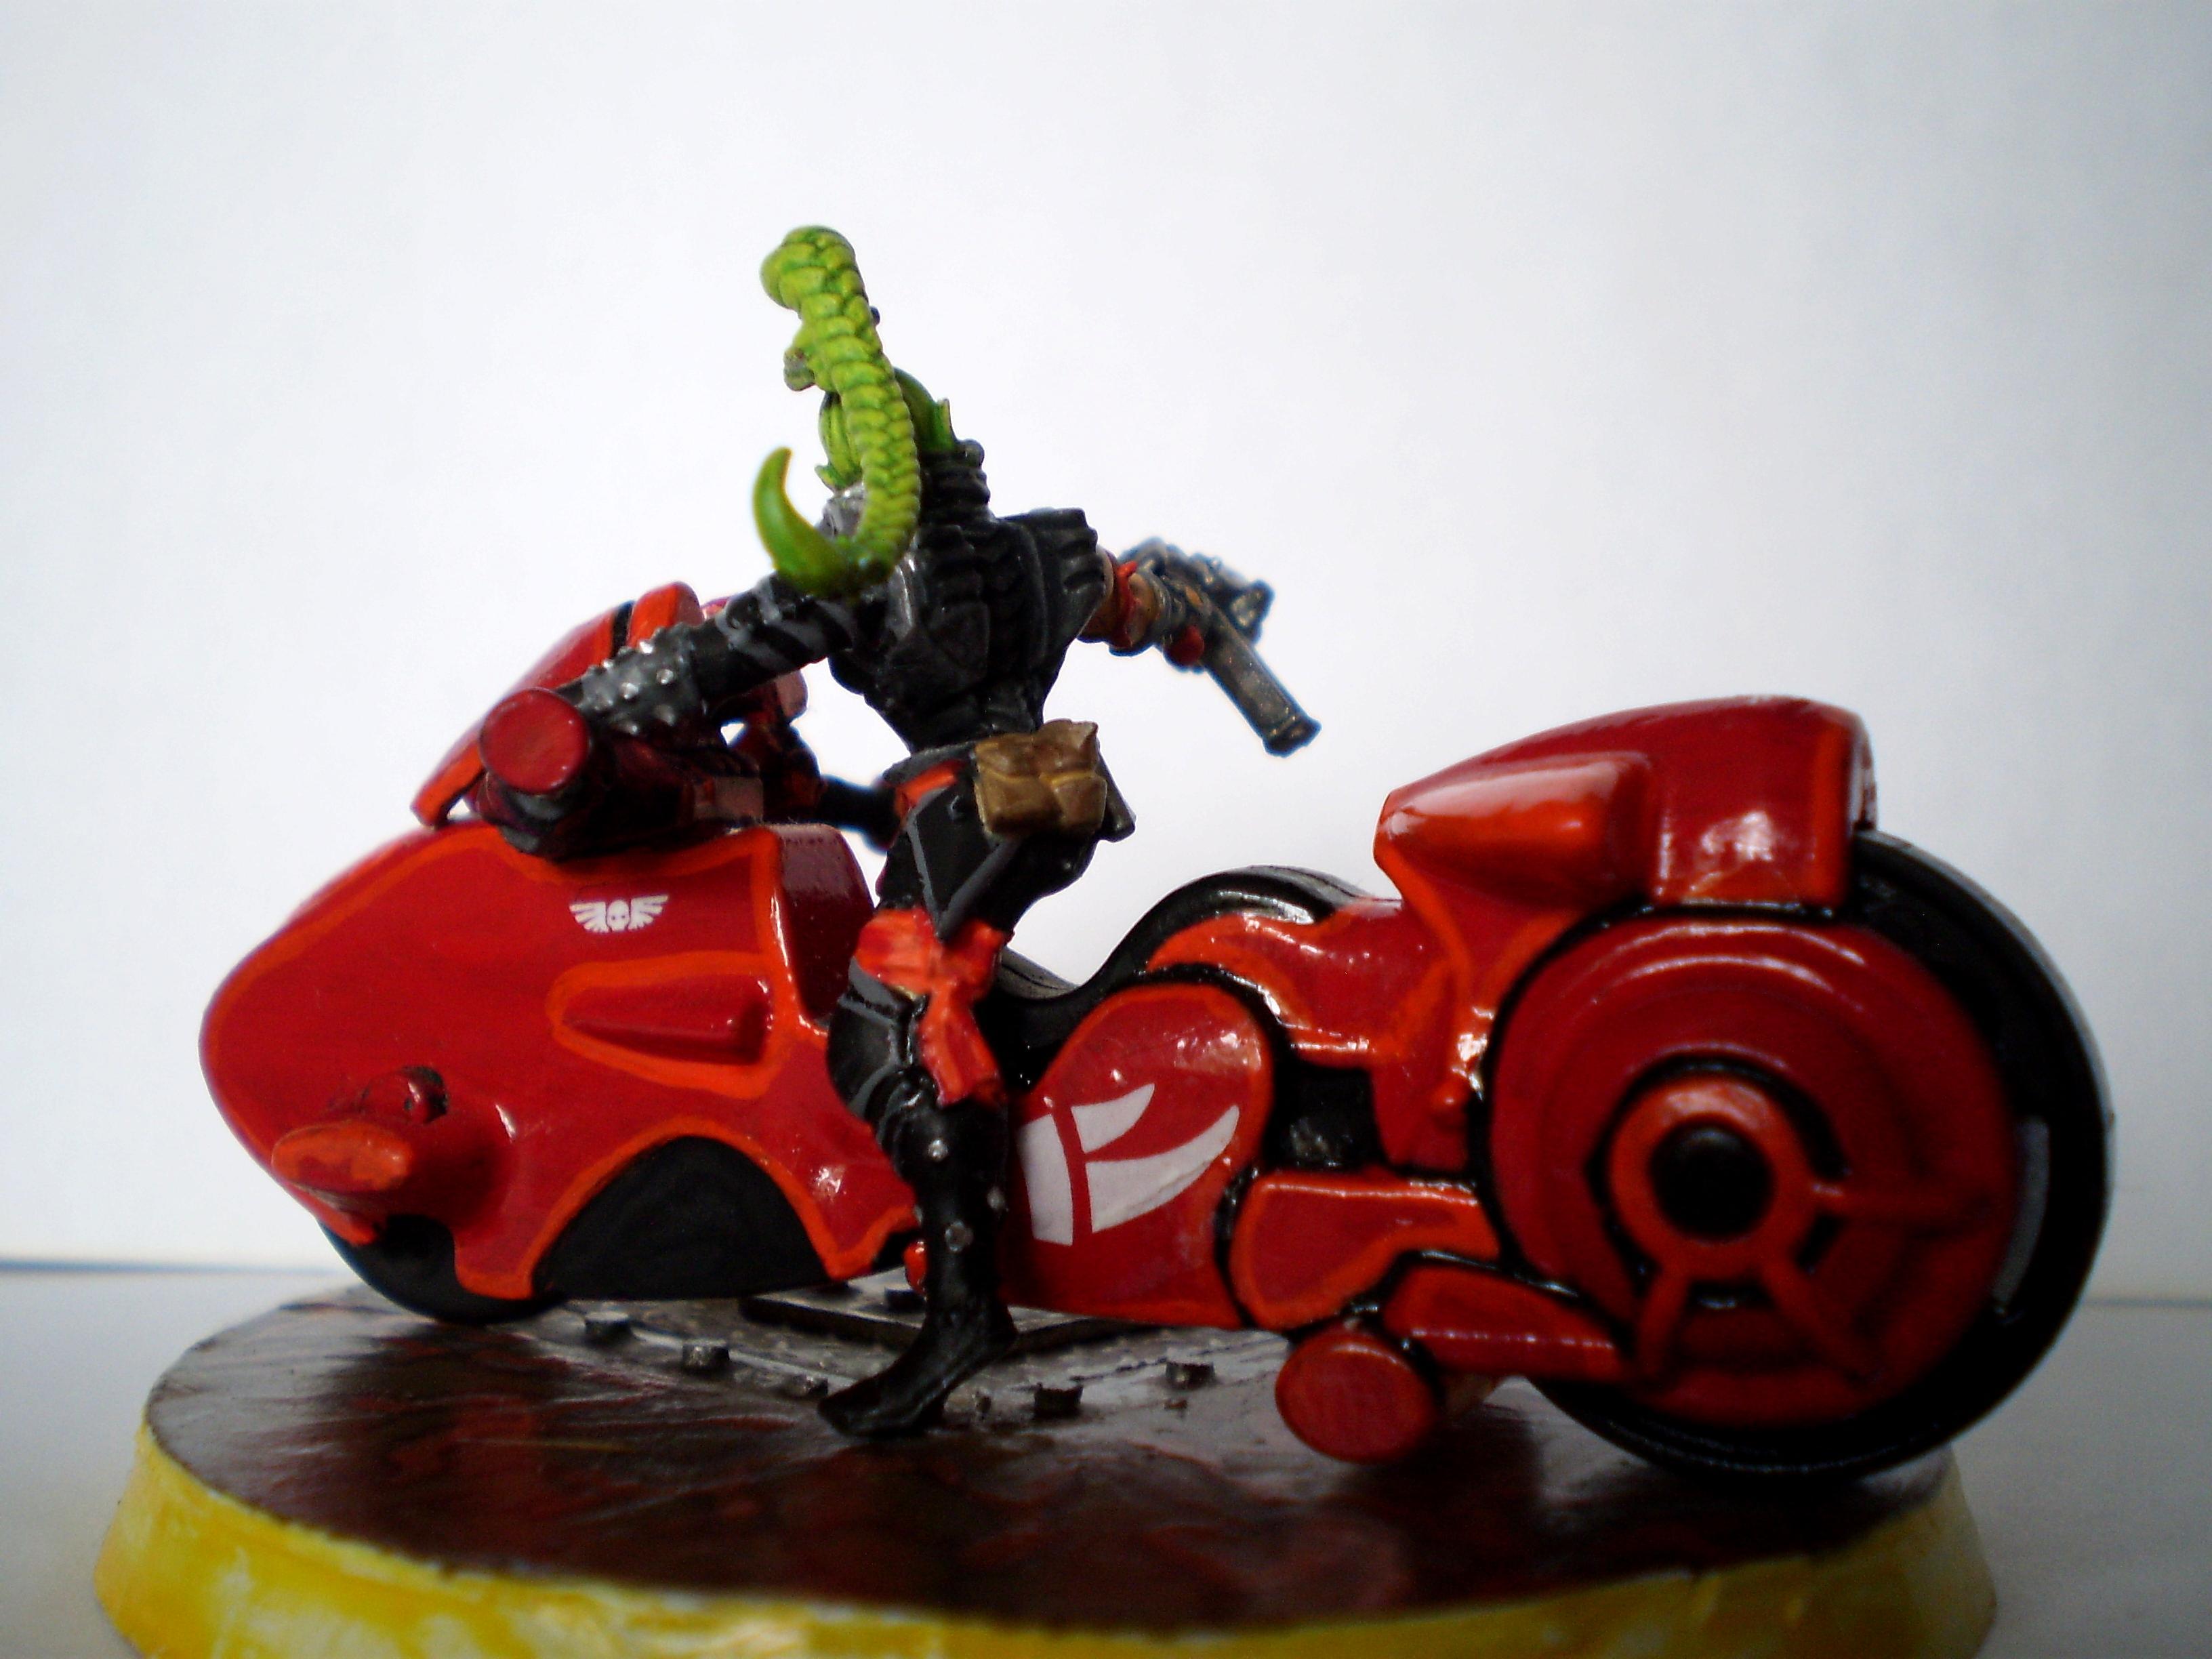 Bad Ass, Bike, Biker Chick, Necropocalypse